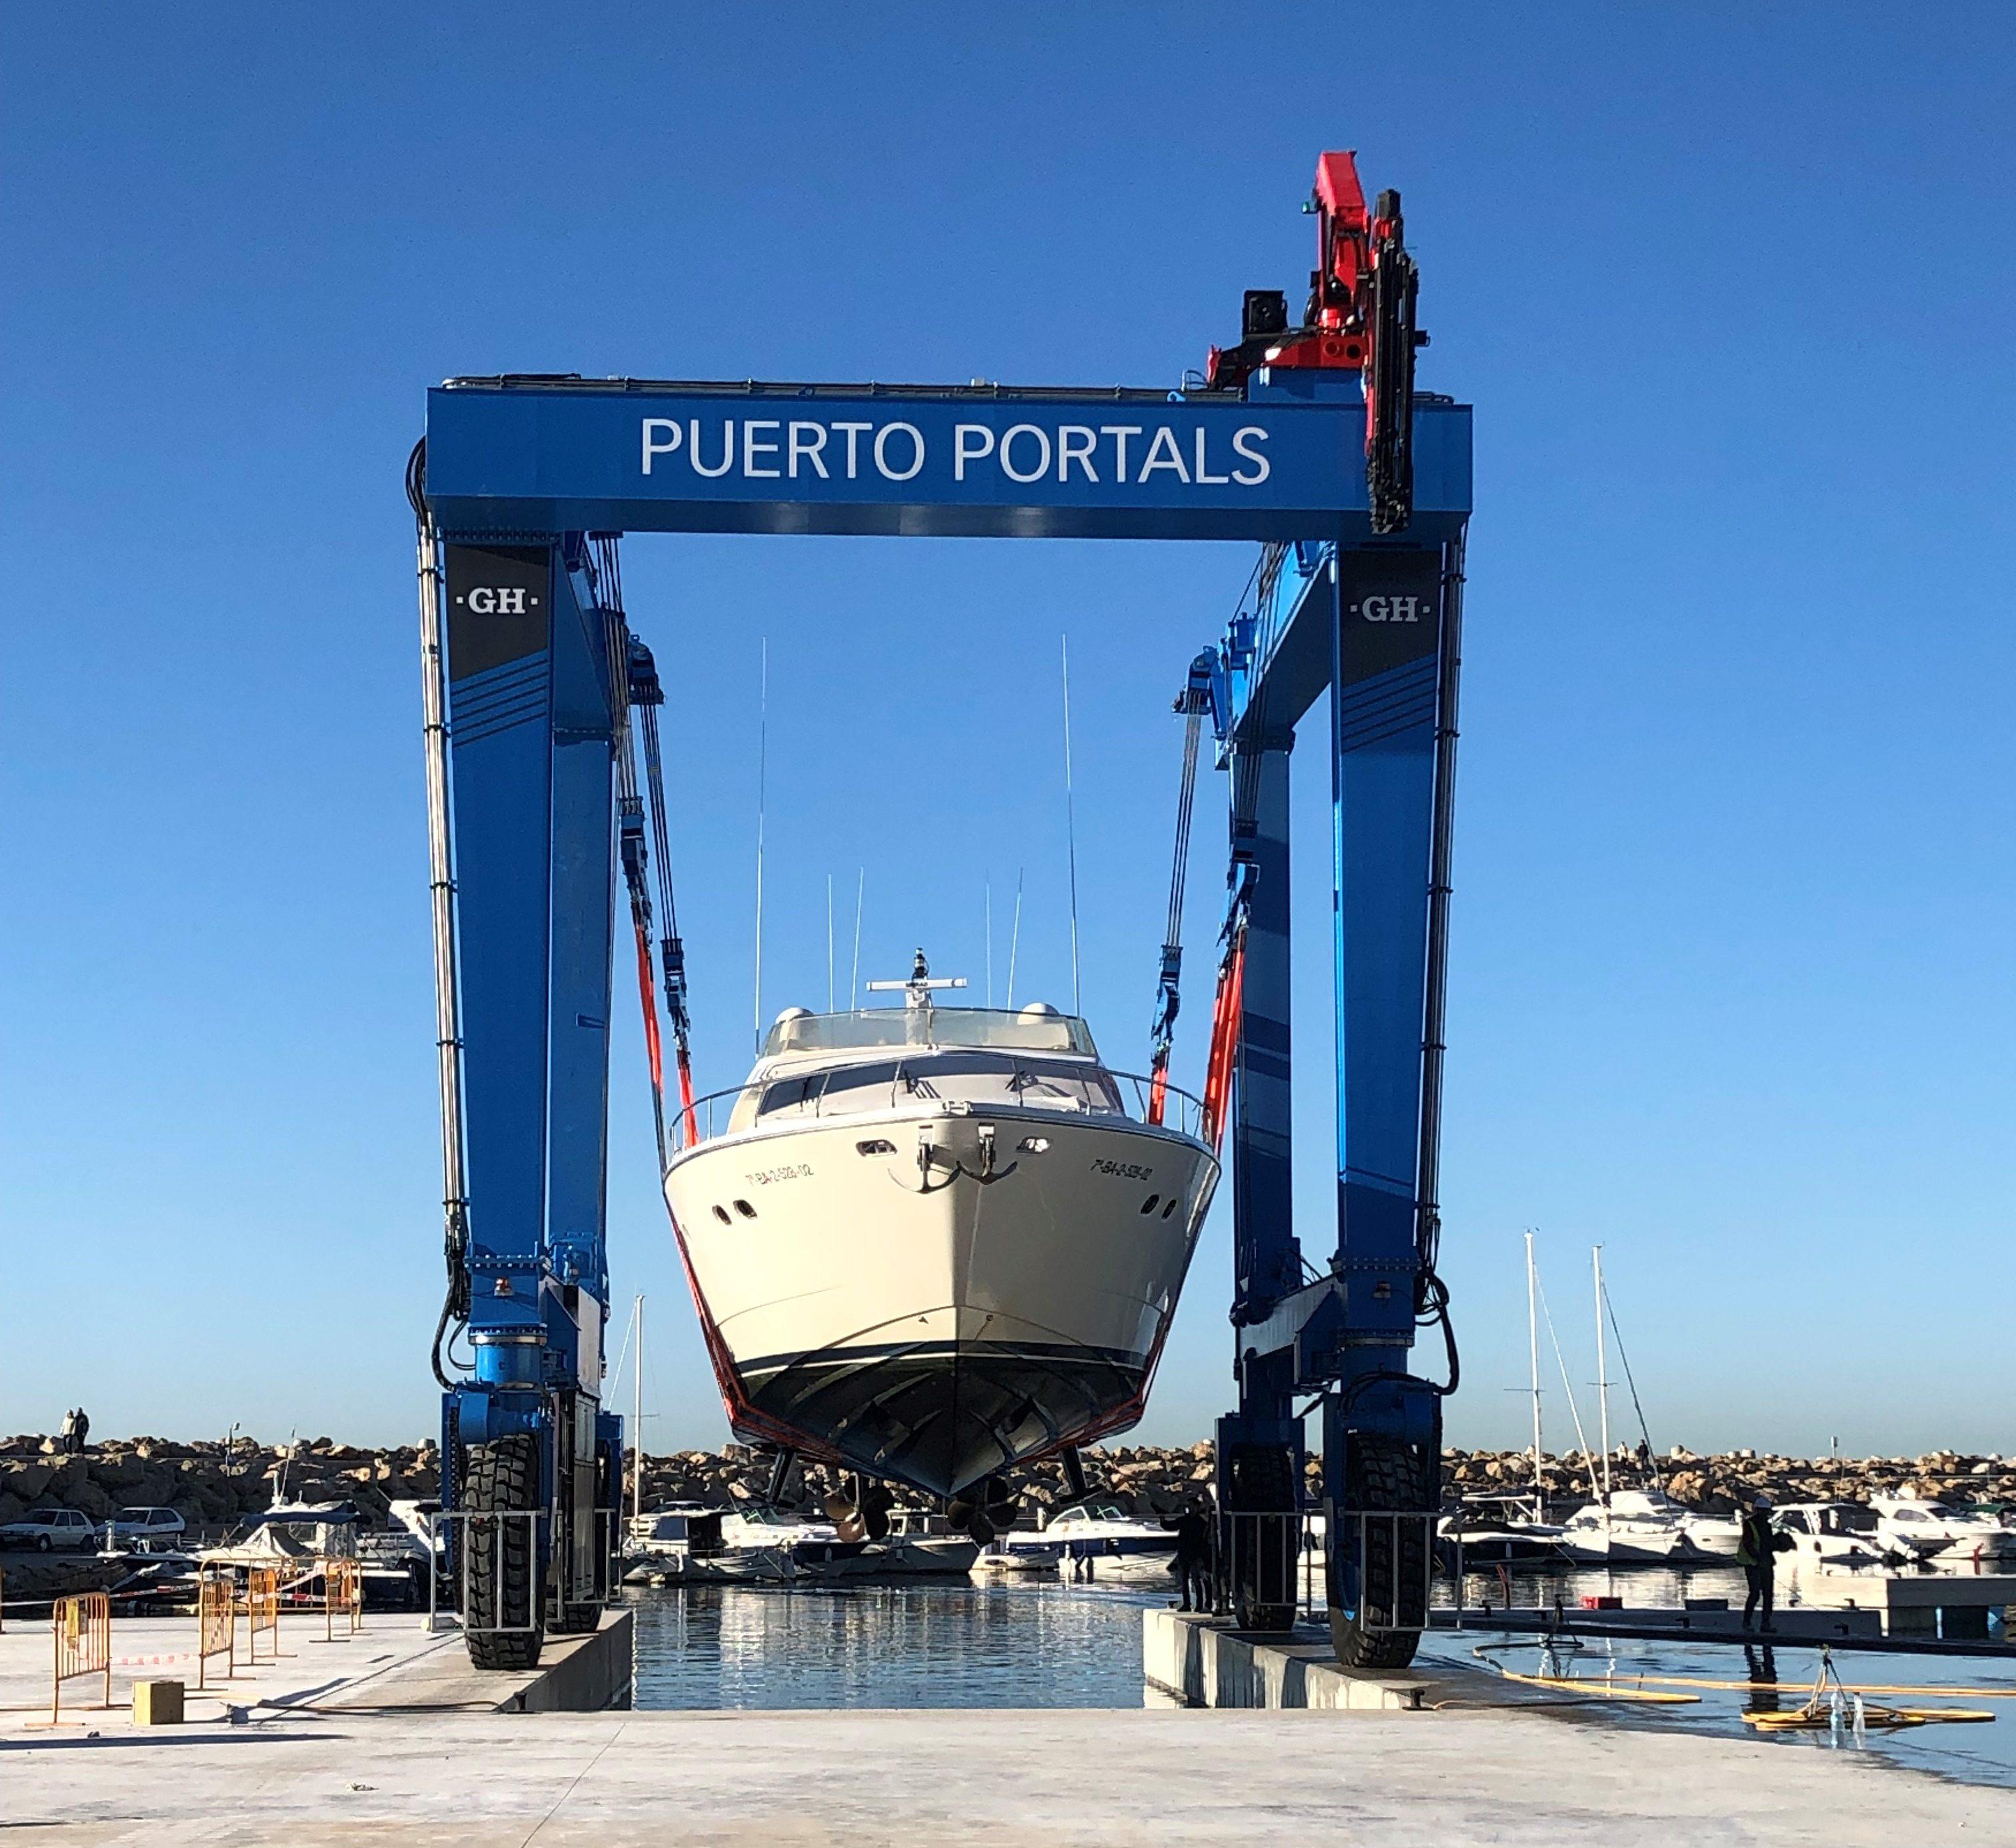 Pórtico automotor GH165 Puerto Portals